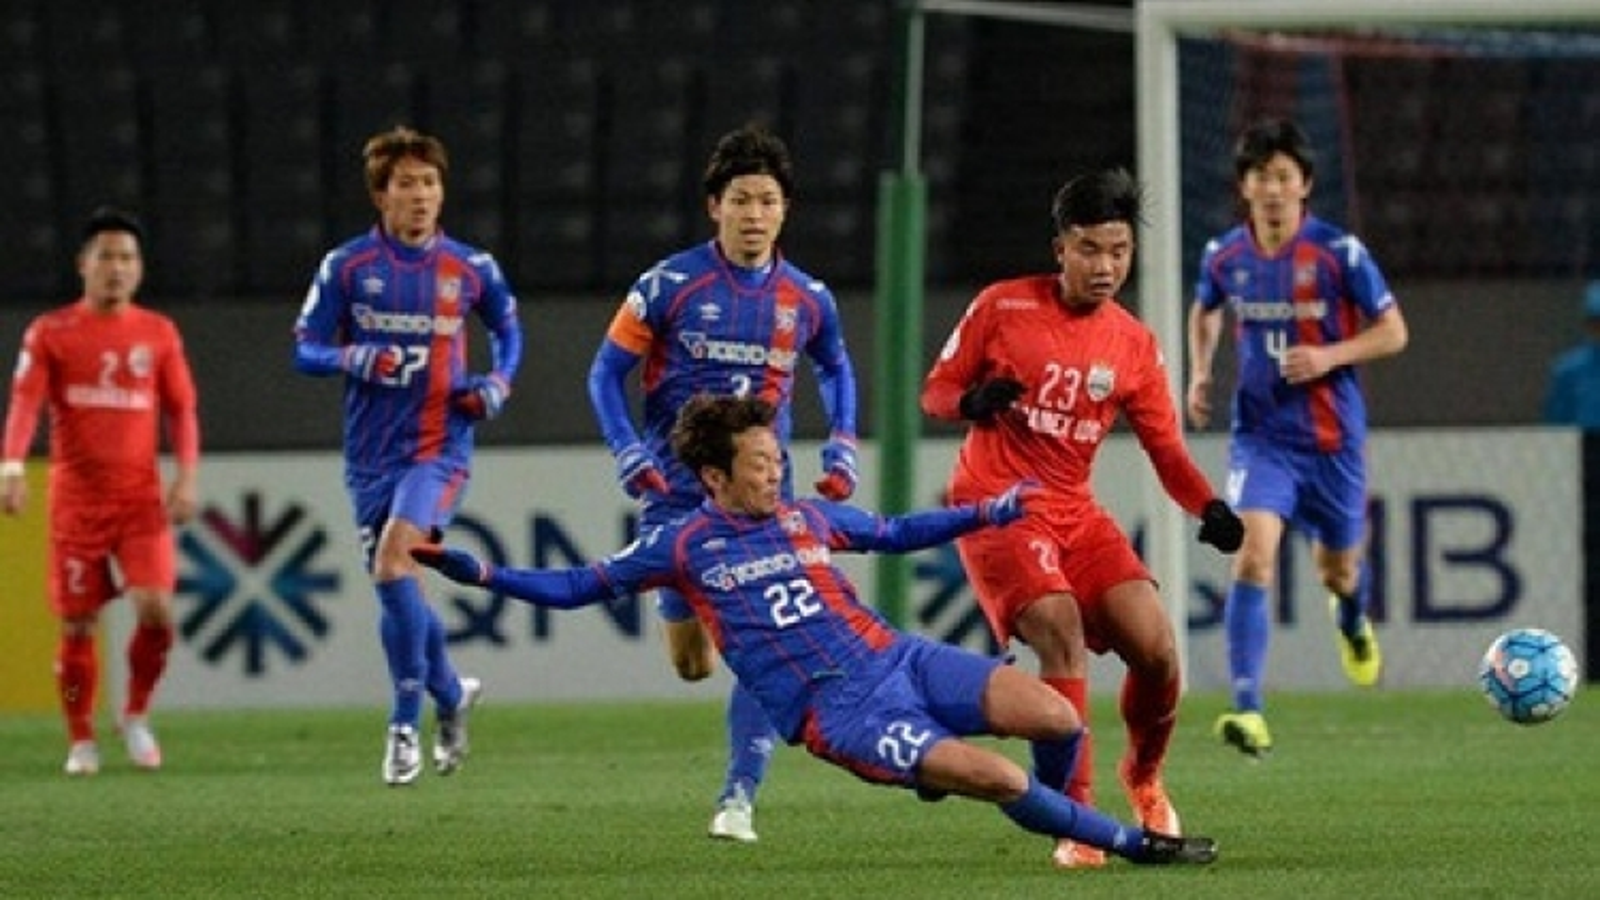 CLB Nhật Bản ký thỏa thuận hợp tác toàn diện với đội bóng V-League